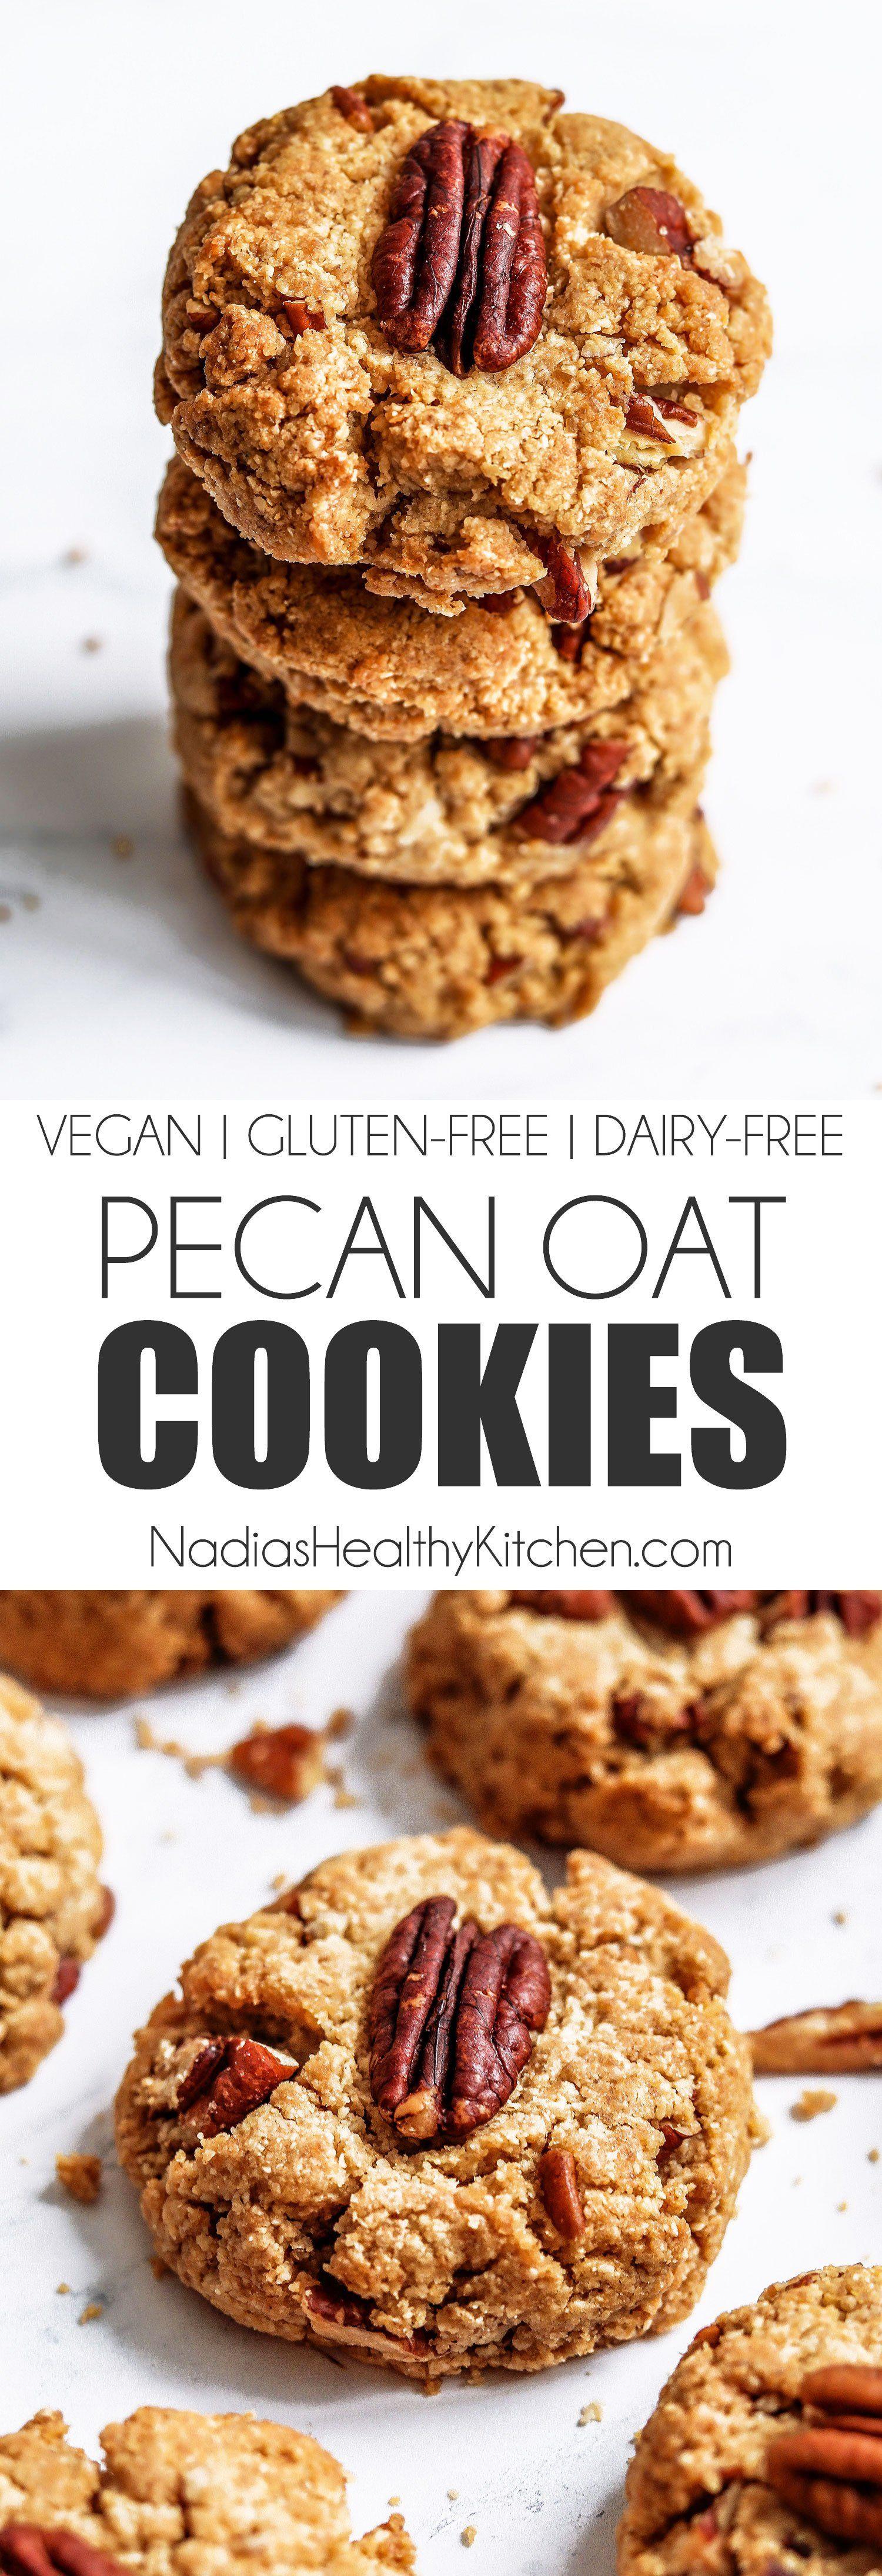 Vegan and Glutenfree Pecan Oat Cookies in 2020 Vegan